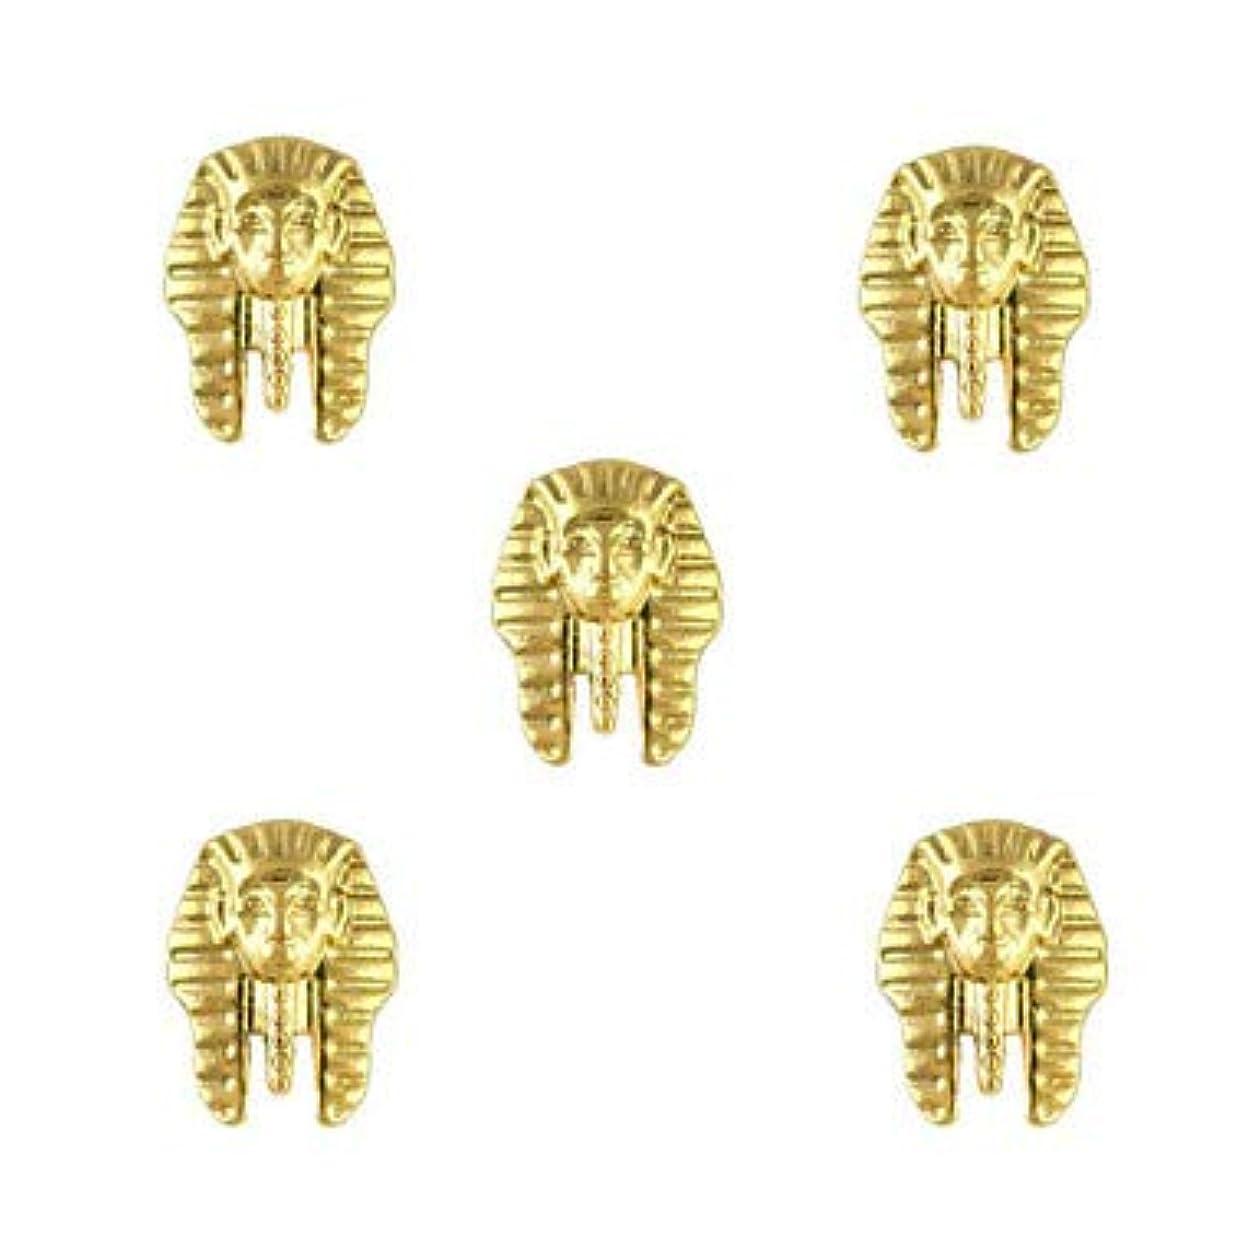 道に迷いましたペインギリック誰の指のつま先のための金属のエジプトパターンのマニキュアの宝石類の宝石類